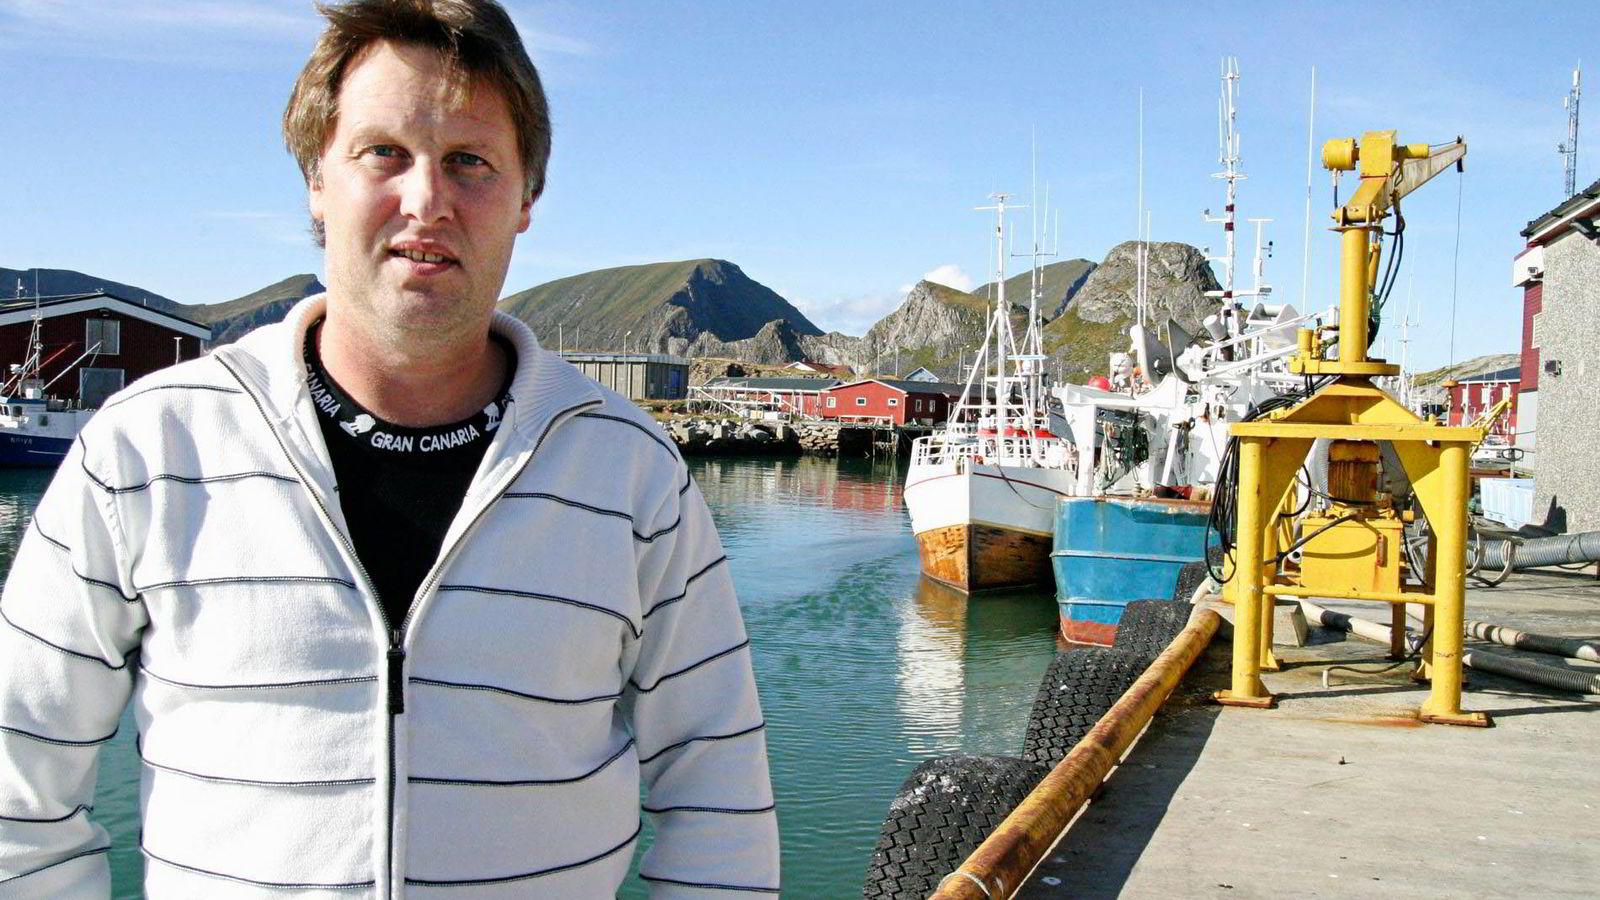 SILDETRØBBEL. Lofoten Viking-sjef Arne Mathisen permitterte de ansatte umiddelbart etter nyheten om at norske produkter er utestengt fra Russland. Nå leter han etter nye markeder. Alle foto: Remi Johansen/Lofotposten